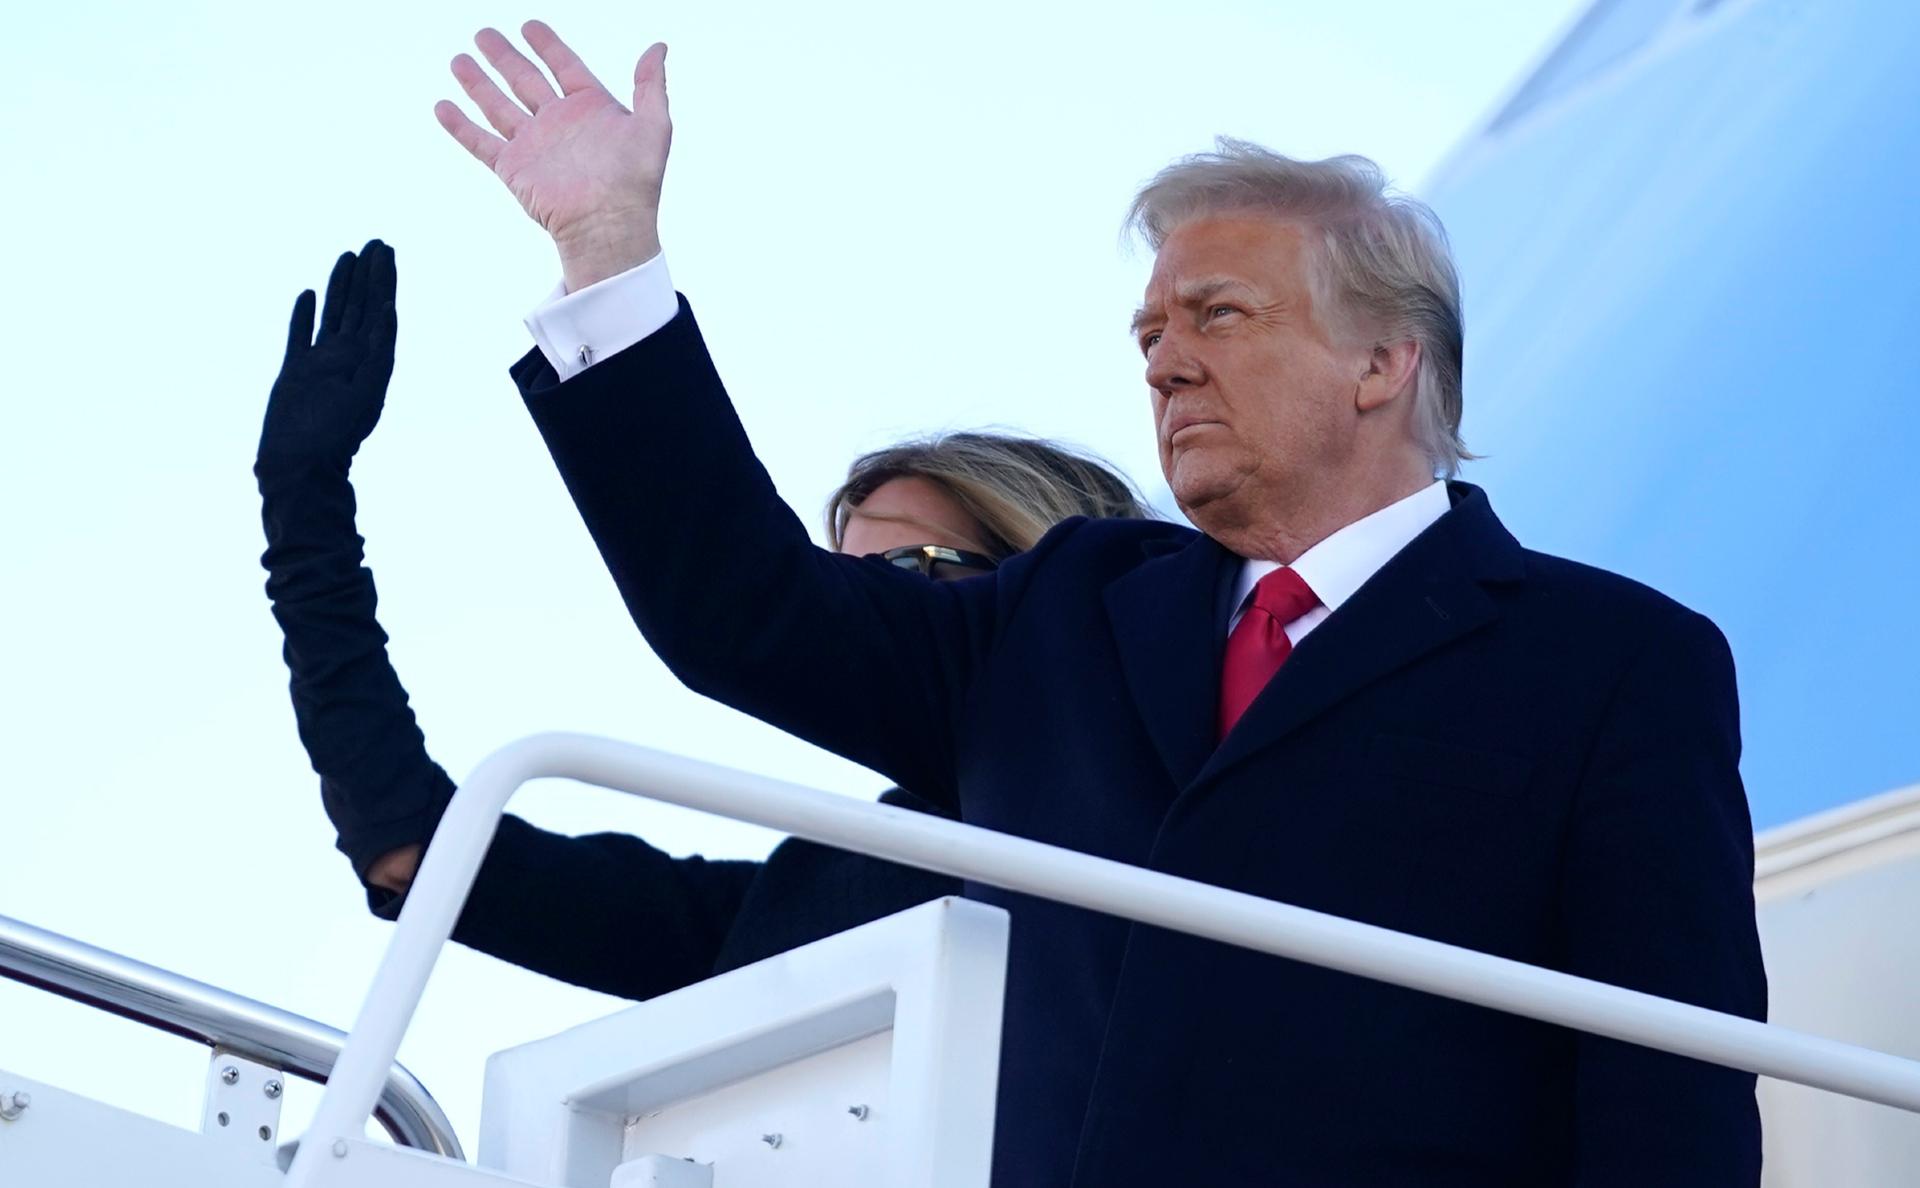 Байден усомнился в успехе импичмента Трампу